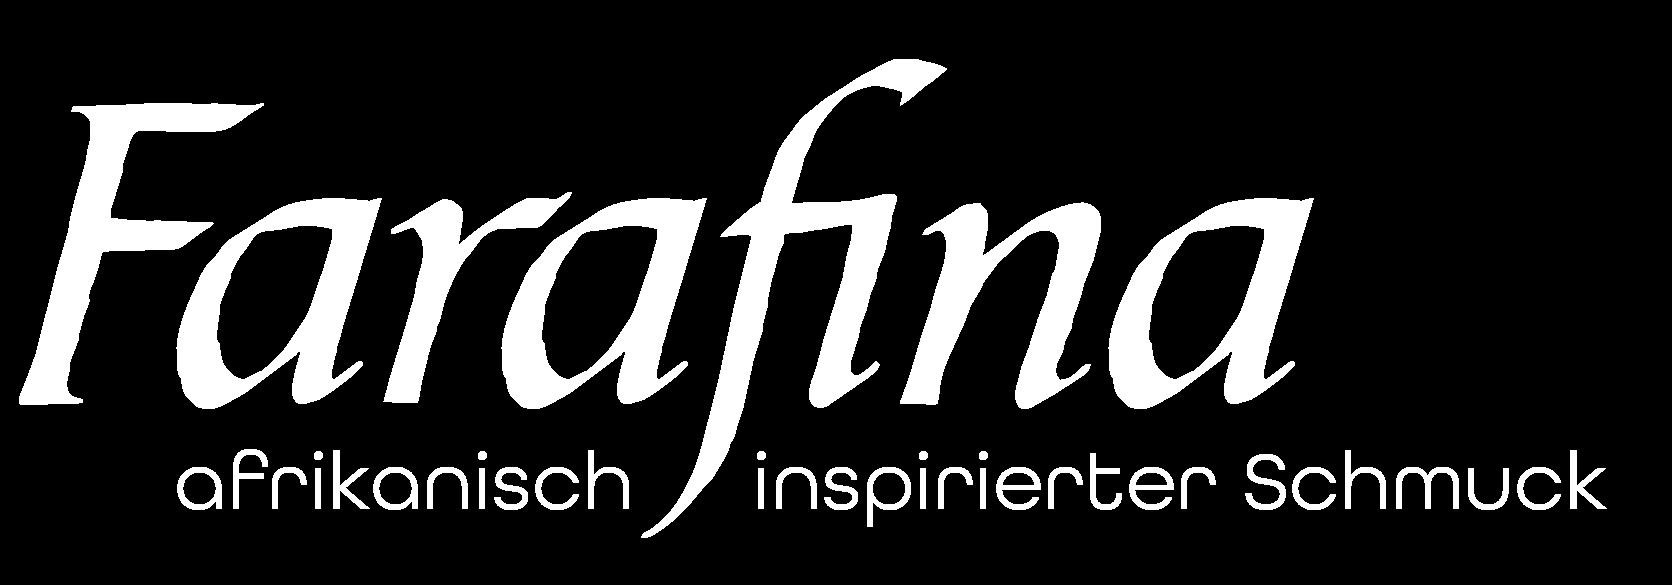 Farafina